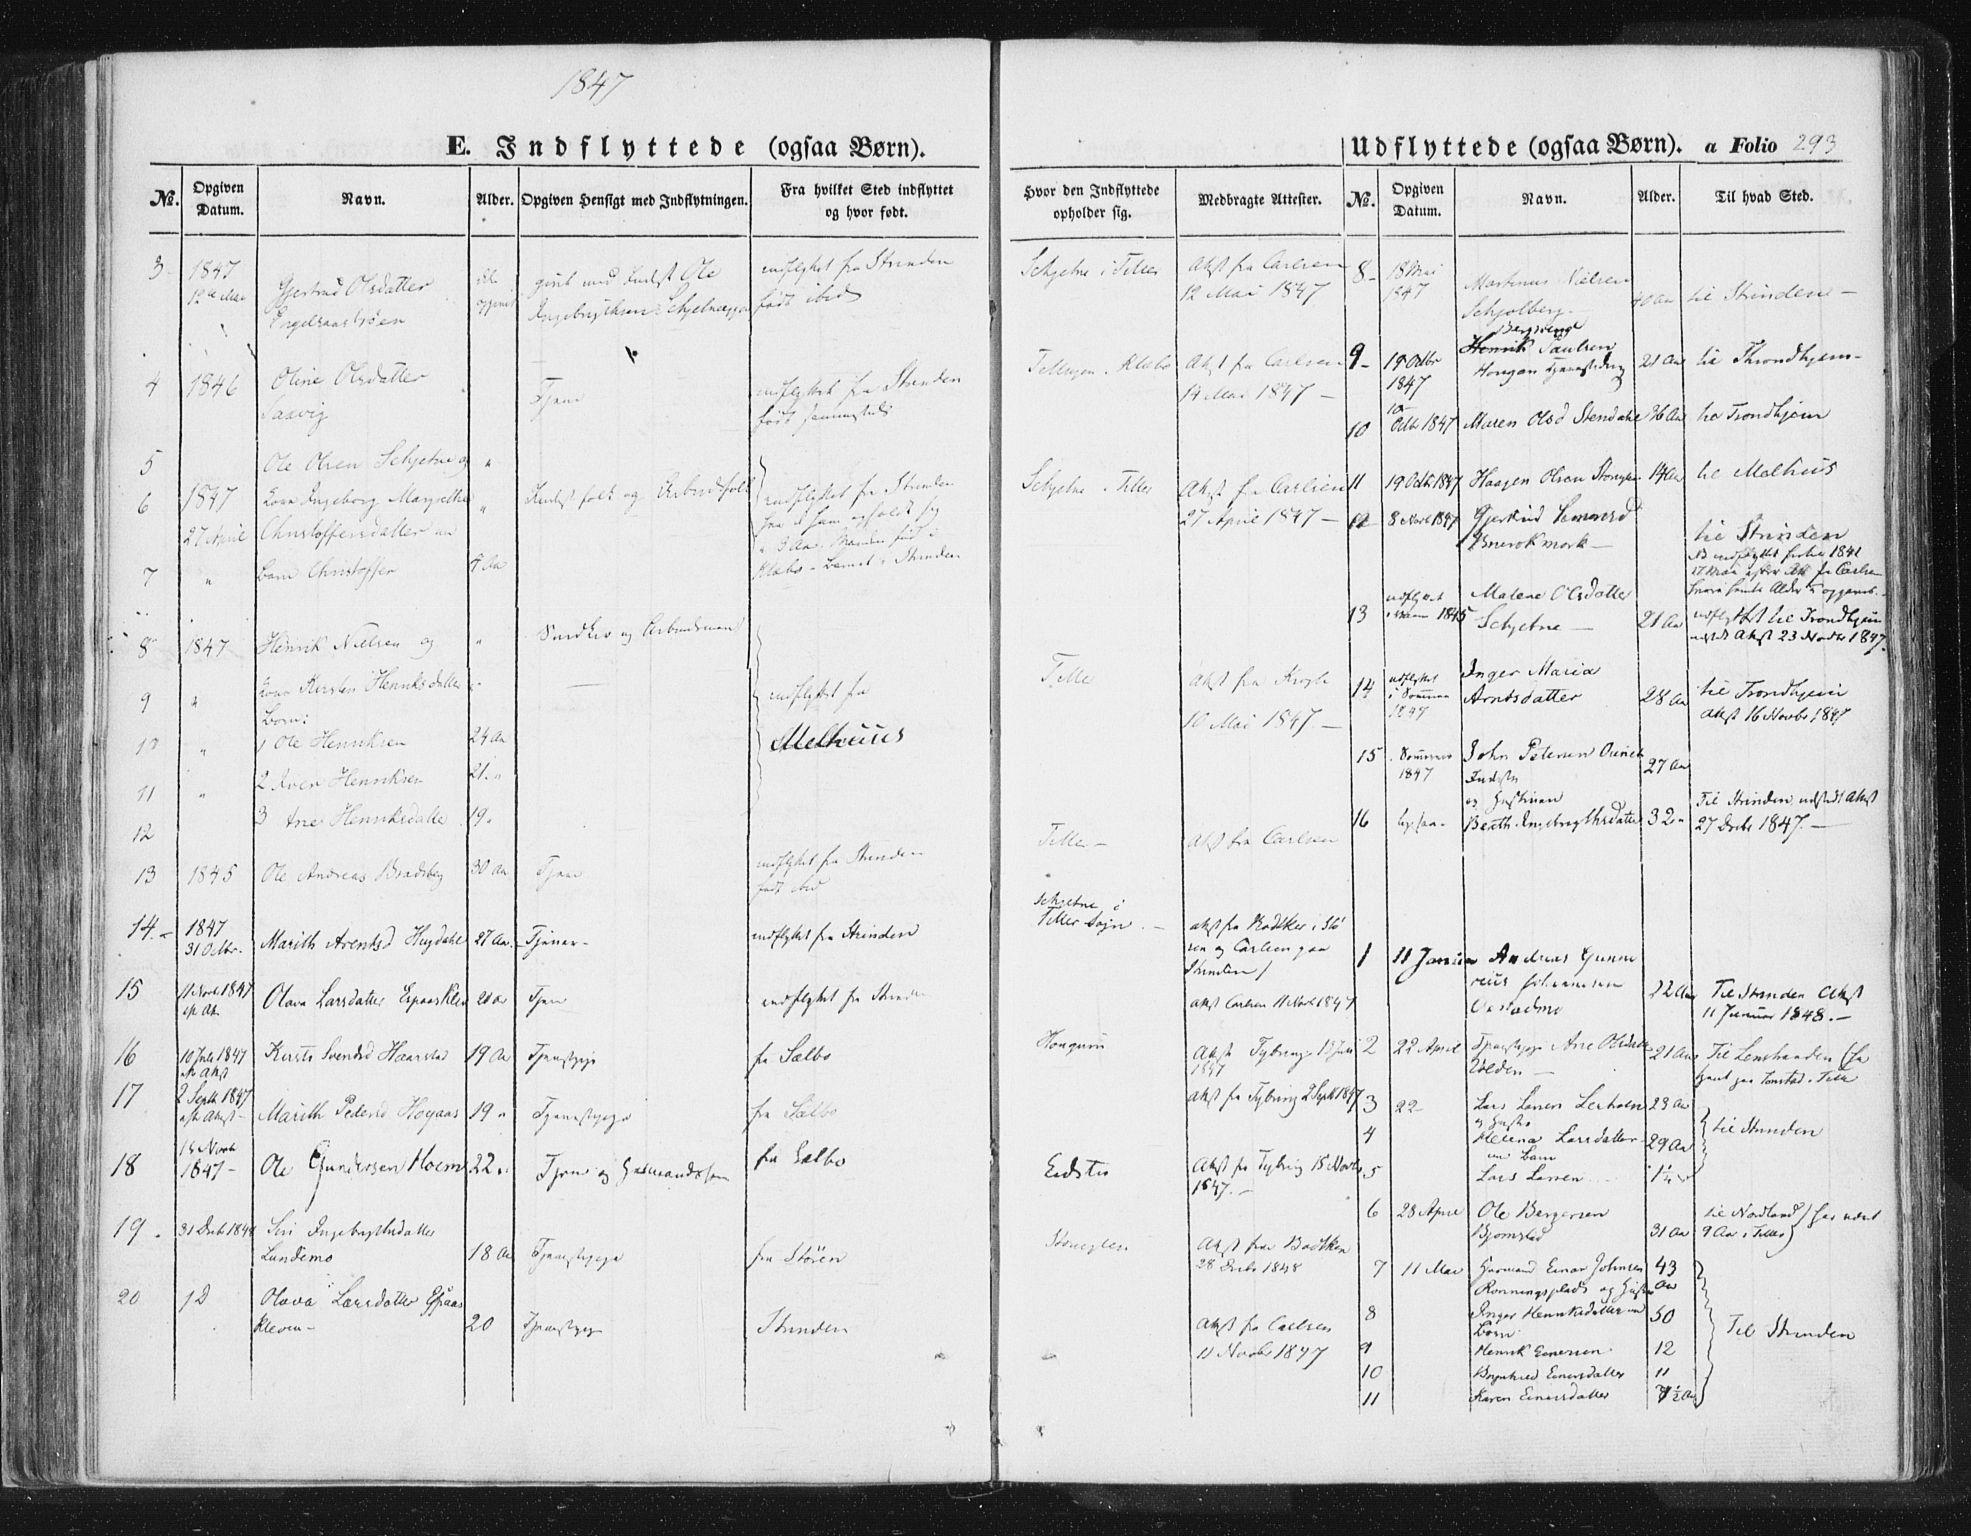 SAT, Ministerialprotokoller, klokkerbøker og fødselsregistre - Sør-Trøndelag, 618/L0441: Ministerialbok nr. 618A05, 1843-1862, s. 293